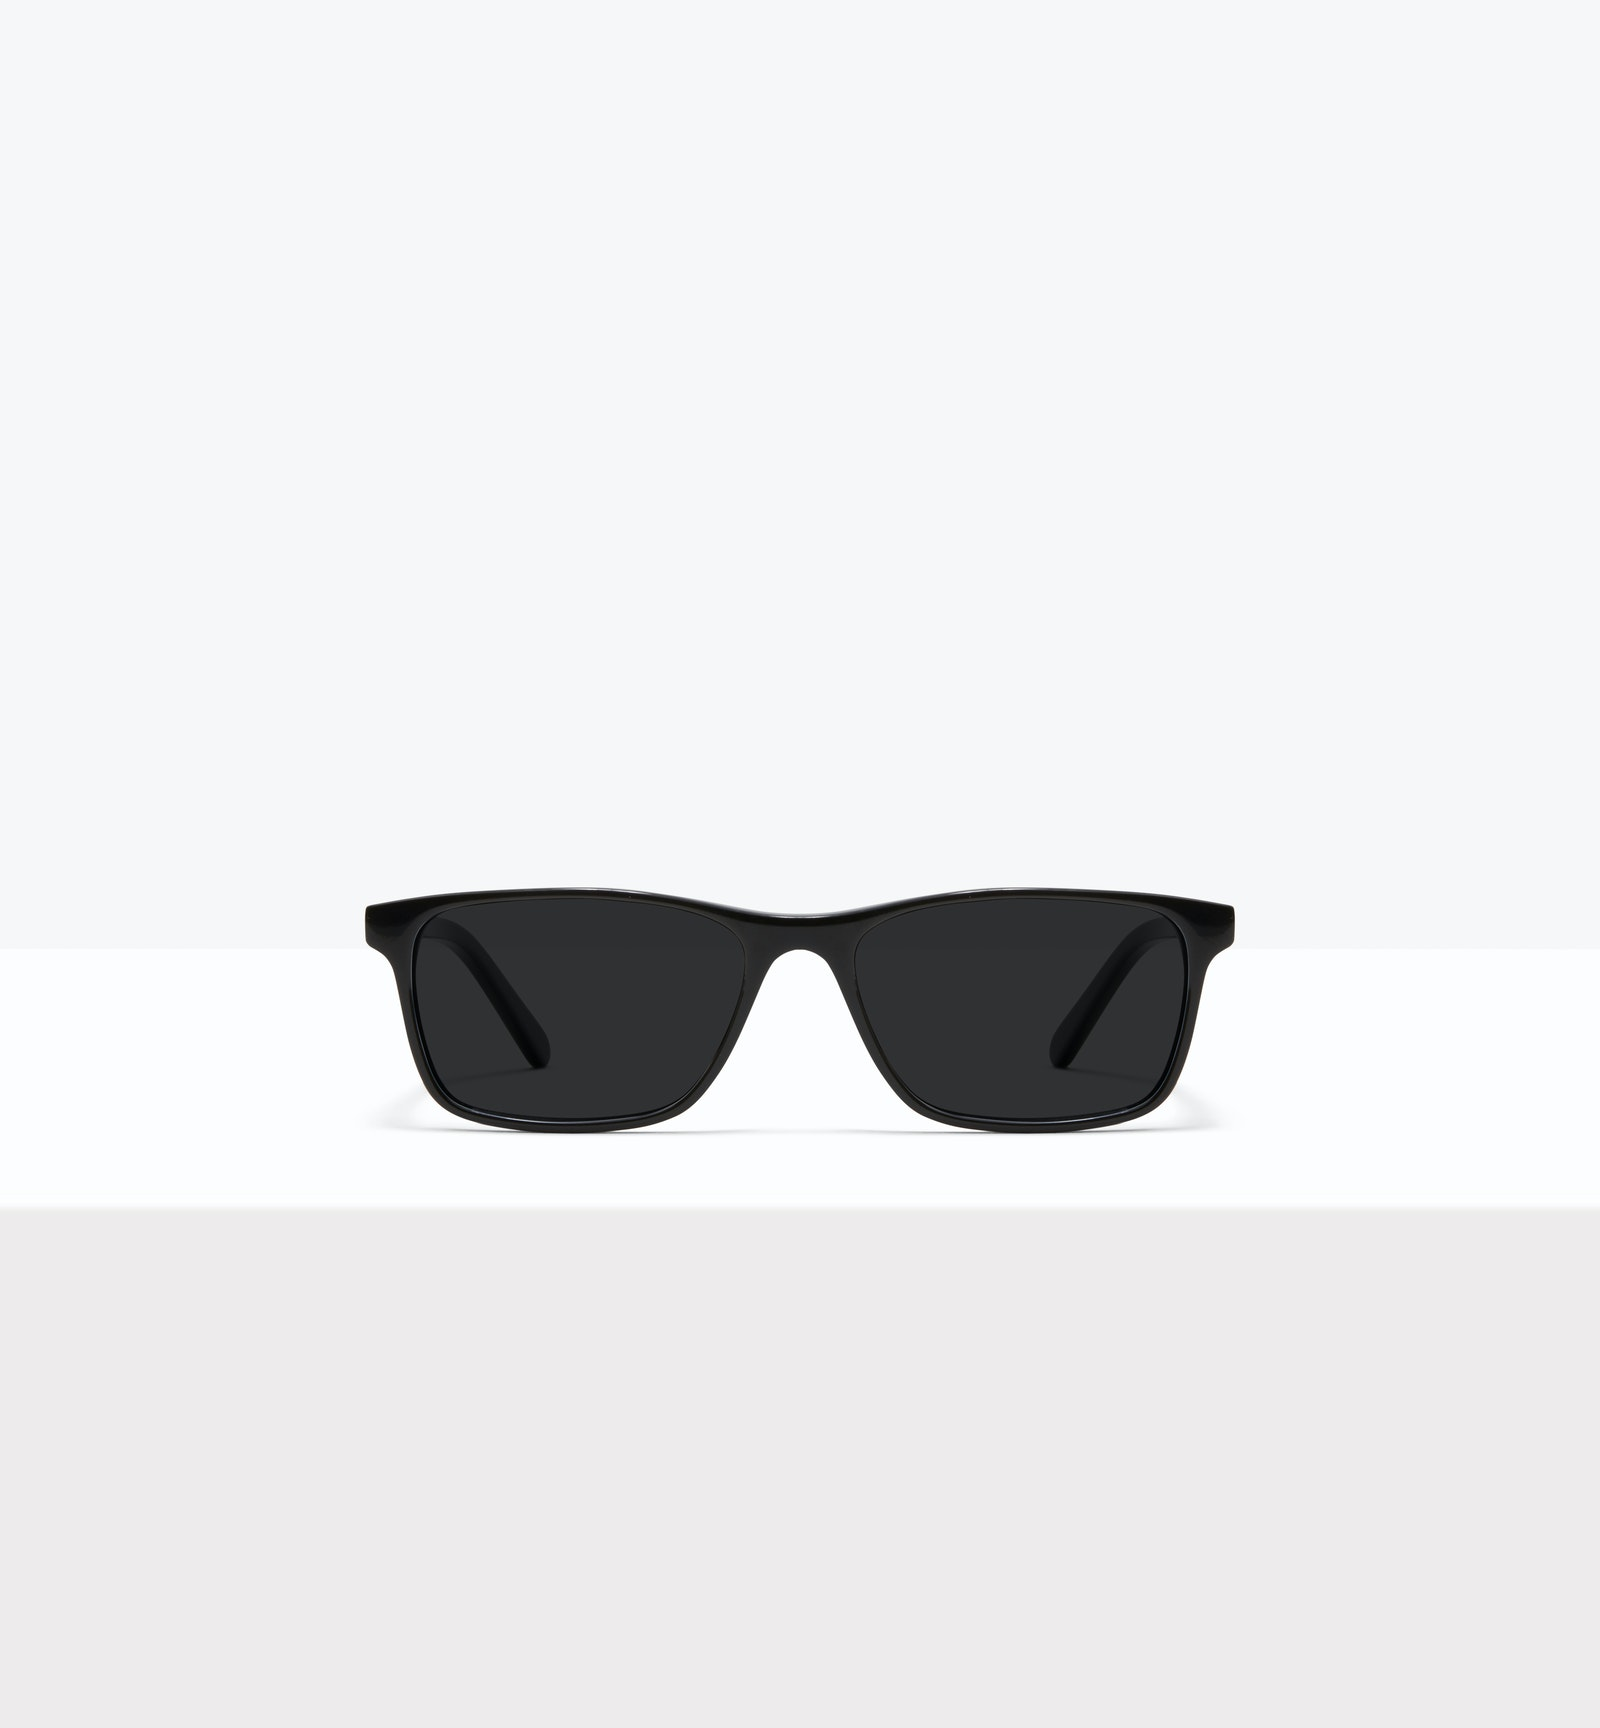 Affordable Fashion Glasses Rectangle Sunglasses Men Henri M Black